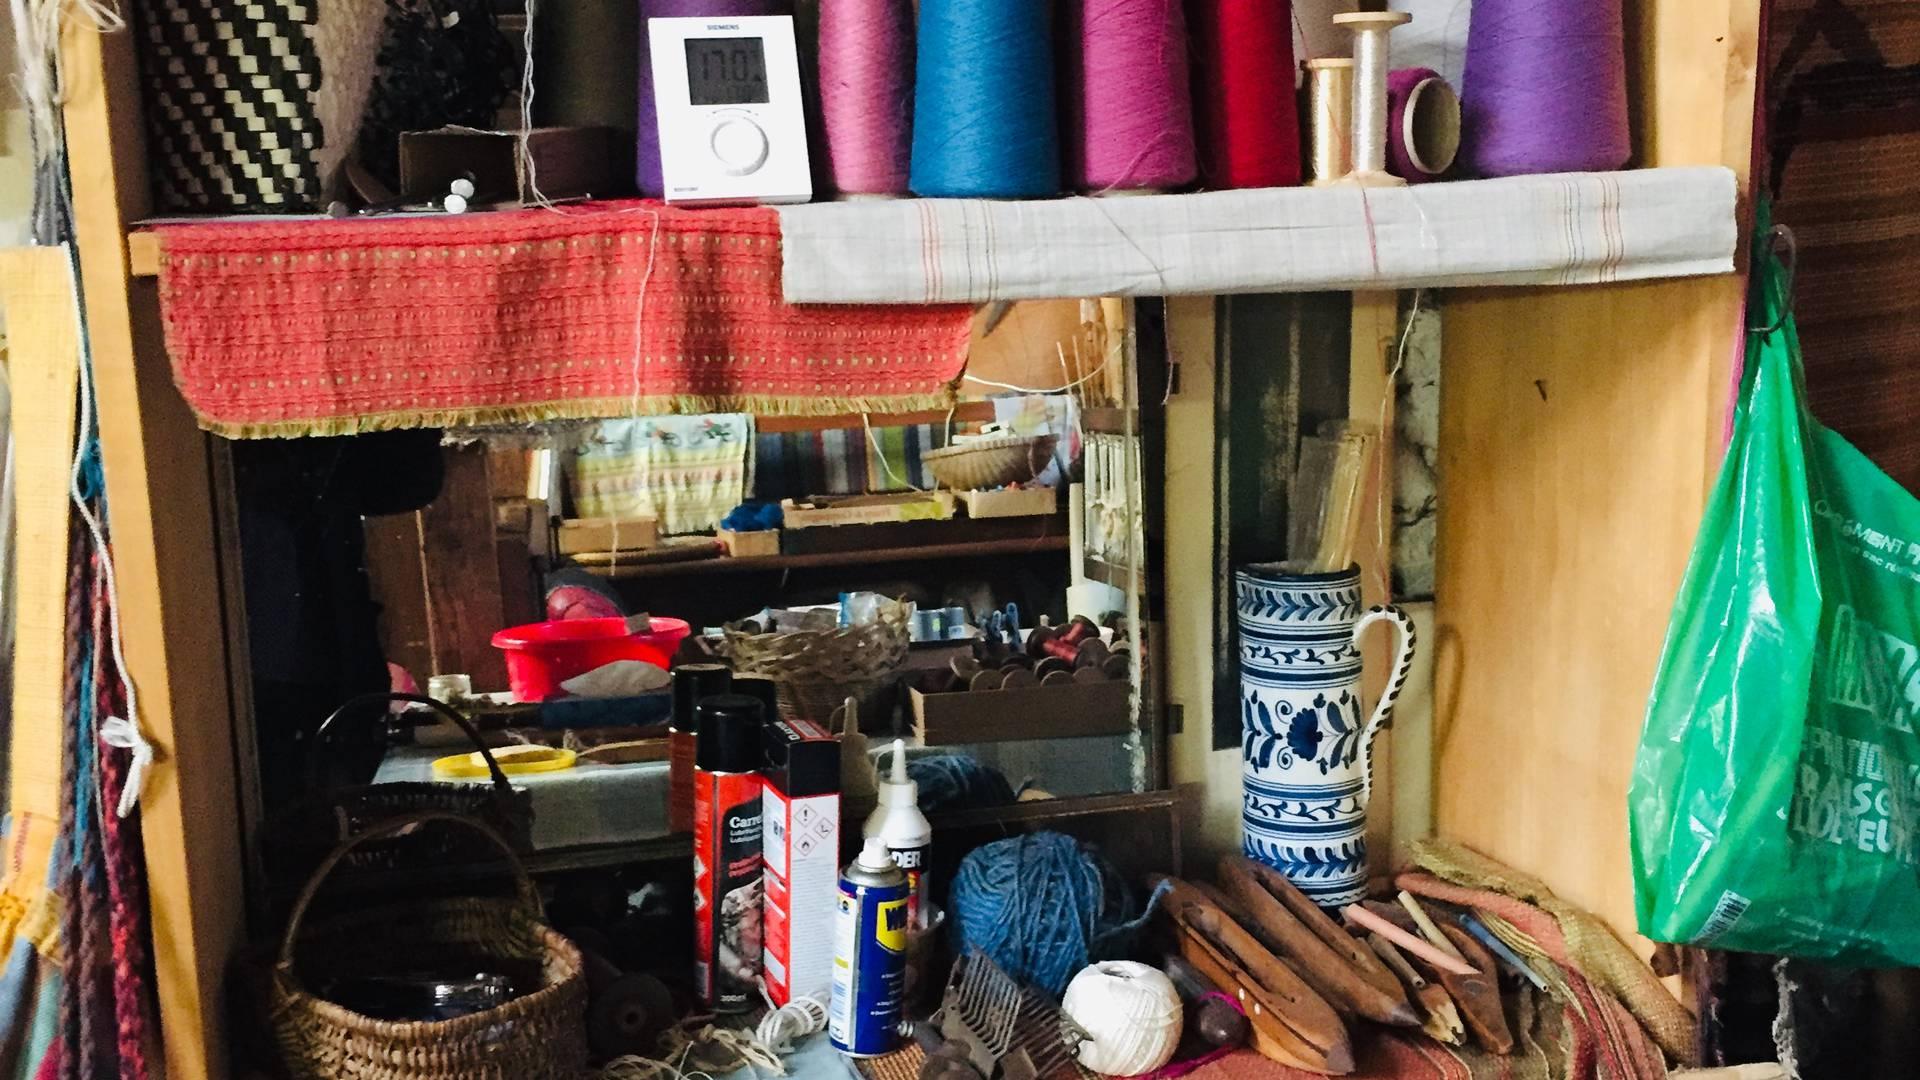 Étagères dans l'atelier de tisserand de Houx